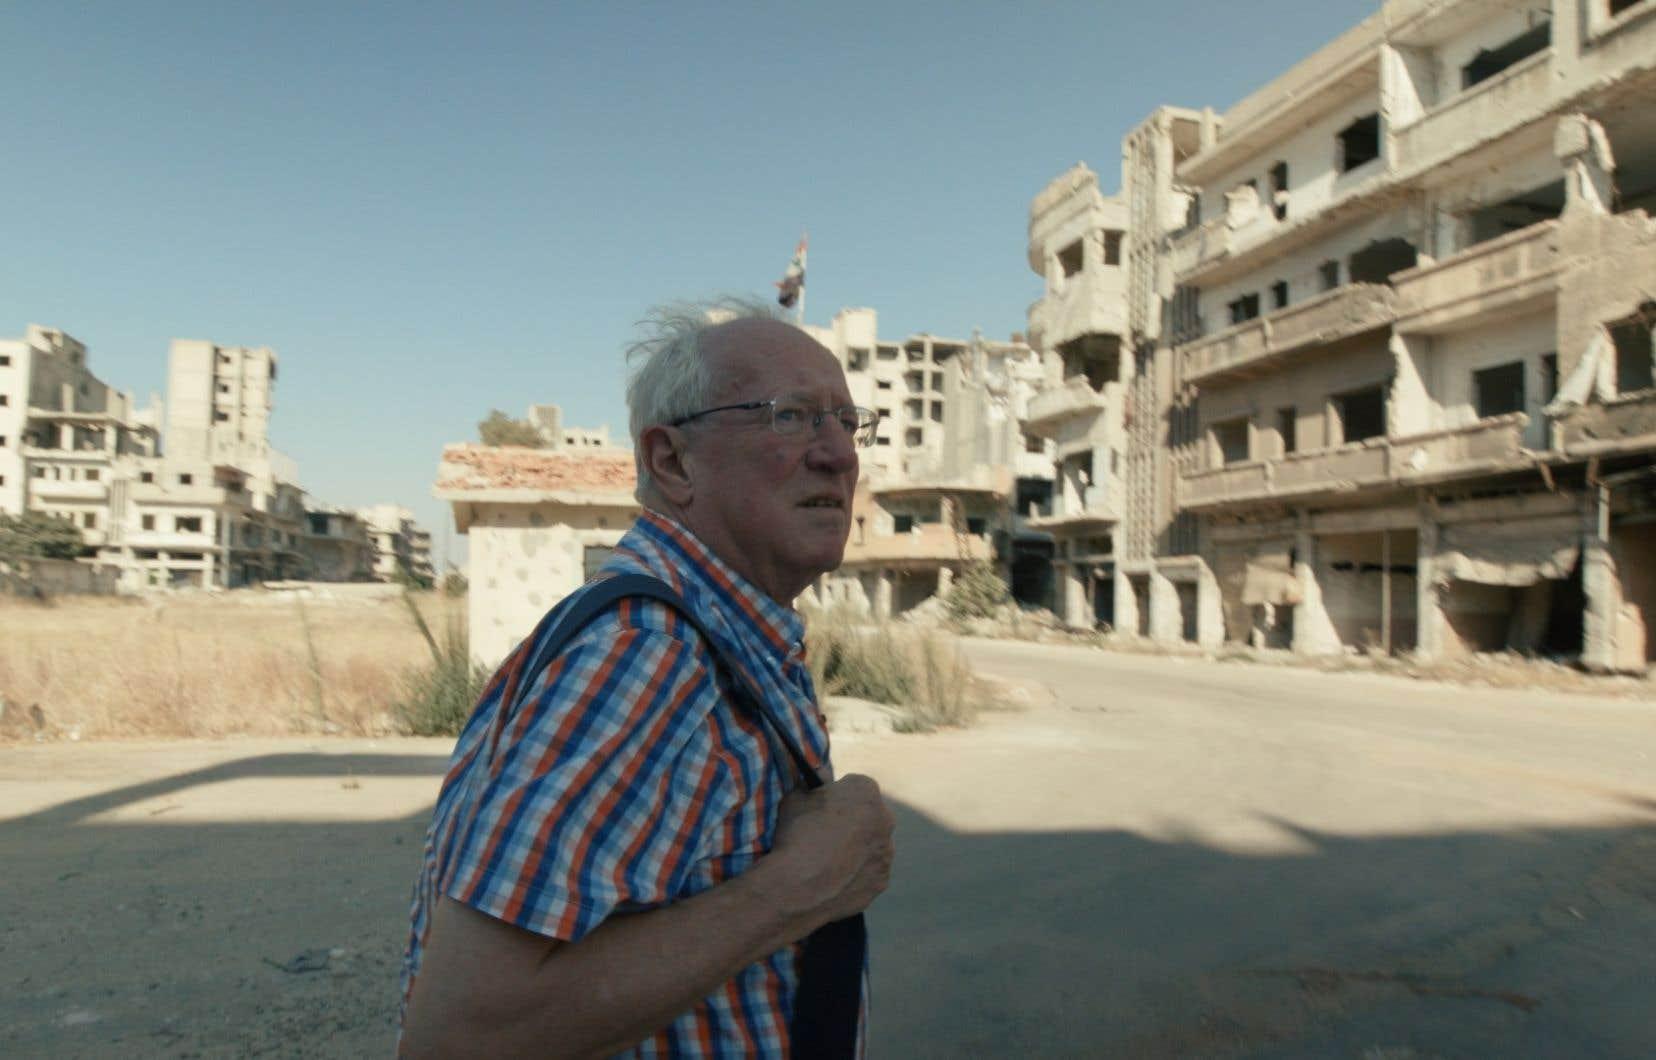 Robert Fisk est correspondant de guerre depuis presque cinquante ans. Il a couvert les troubles en Irlande du Nord, la guerre du Liban, celles du Golfe, de l'Afghanistan, de la Syrie… La liste est longue.